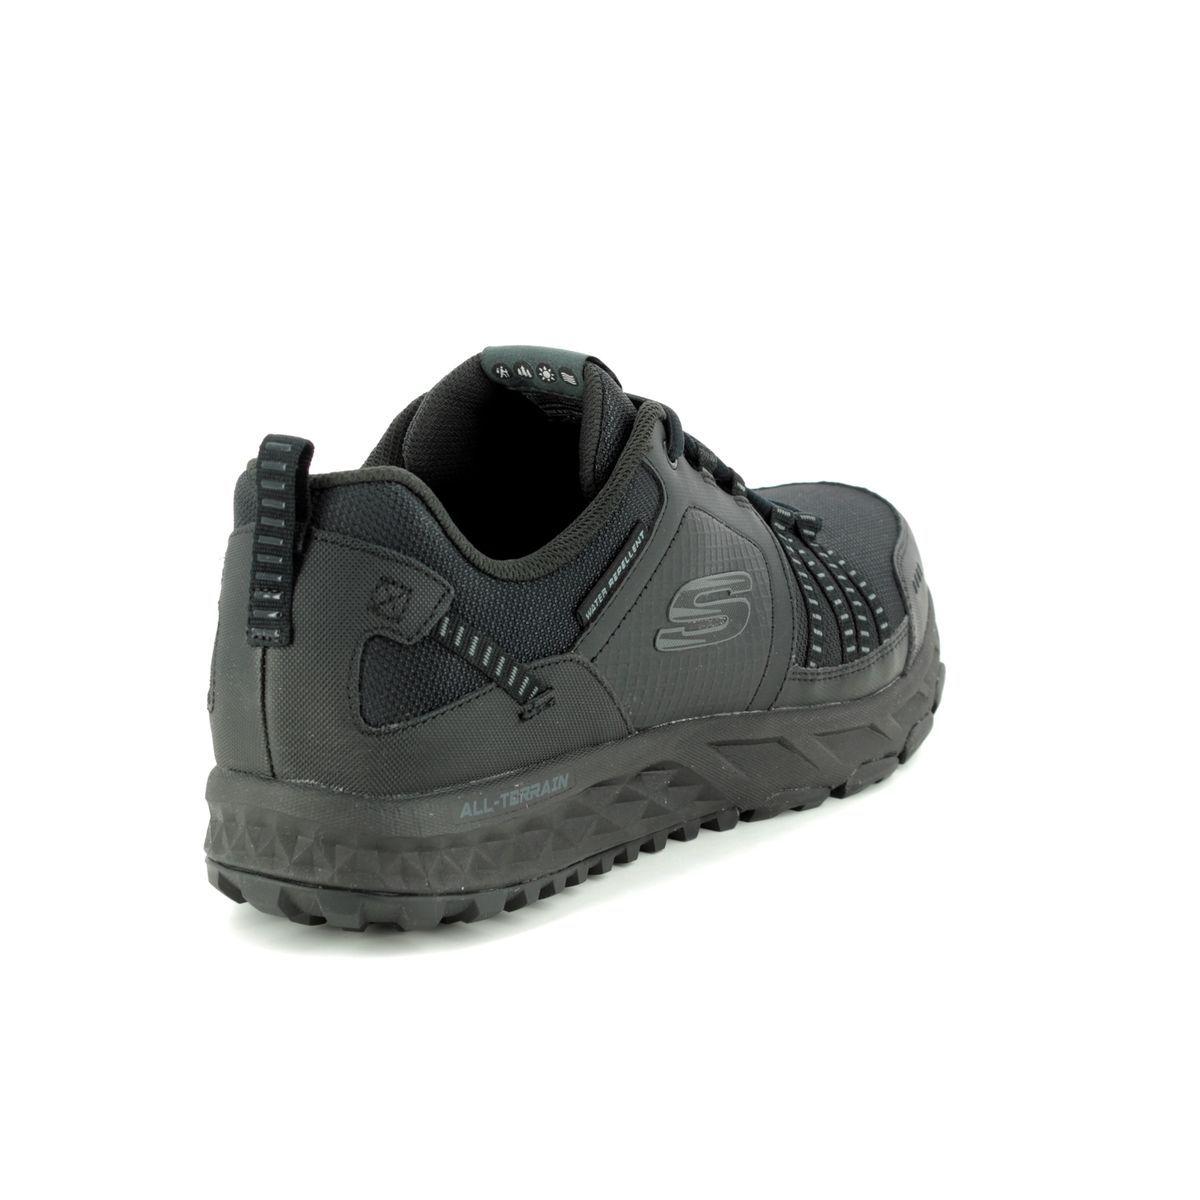 کفش مخصوص پیاده روی مردانه اسکچرز مدل RS 51591 bbk -  - 13